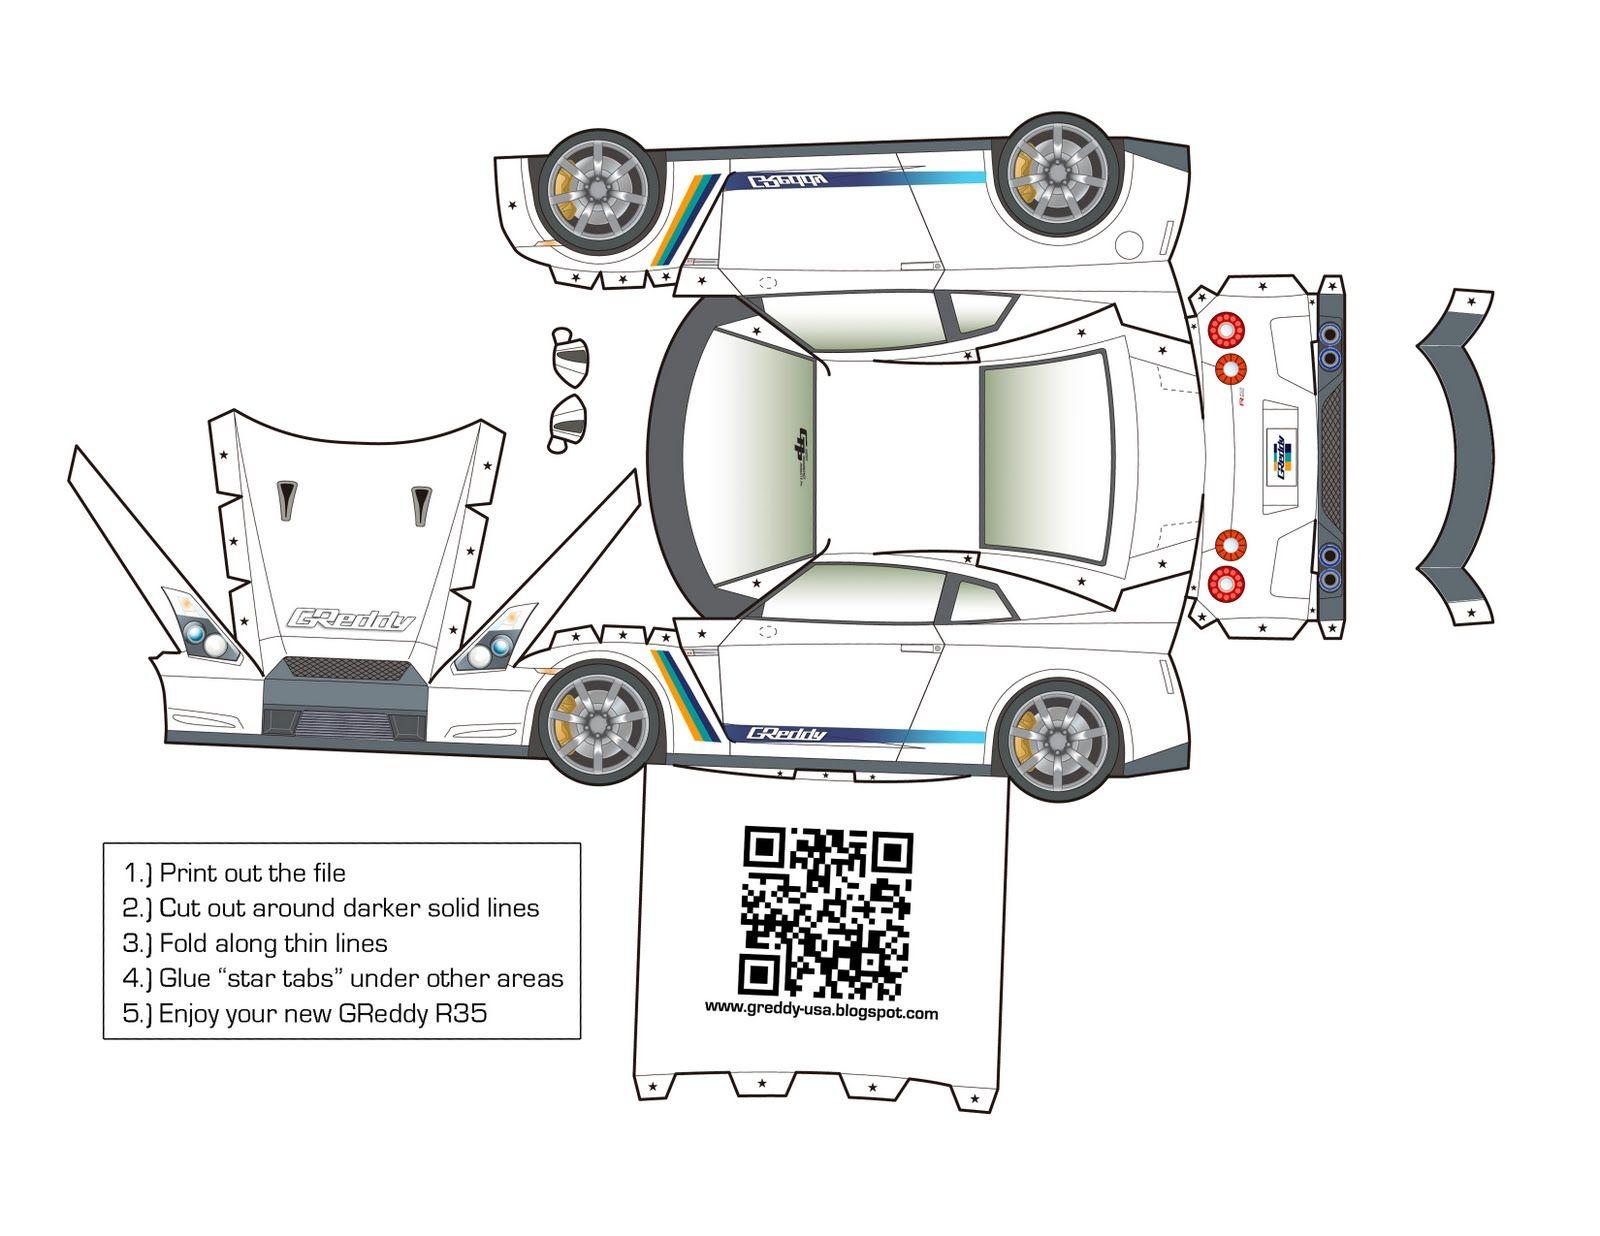 hyundai genesis model wiring diagram database nissan papercraft cars 3